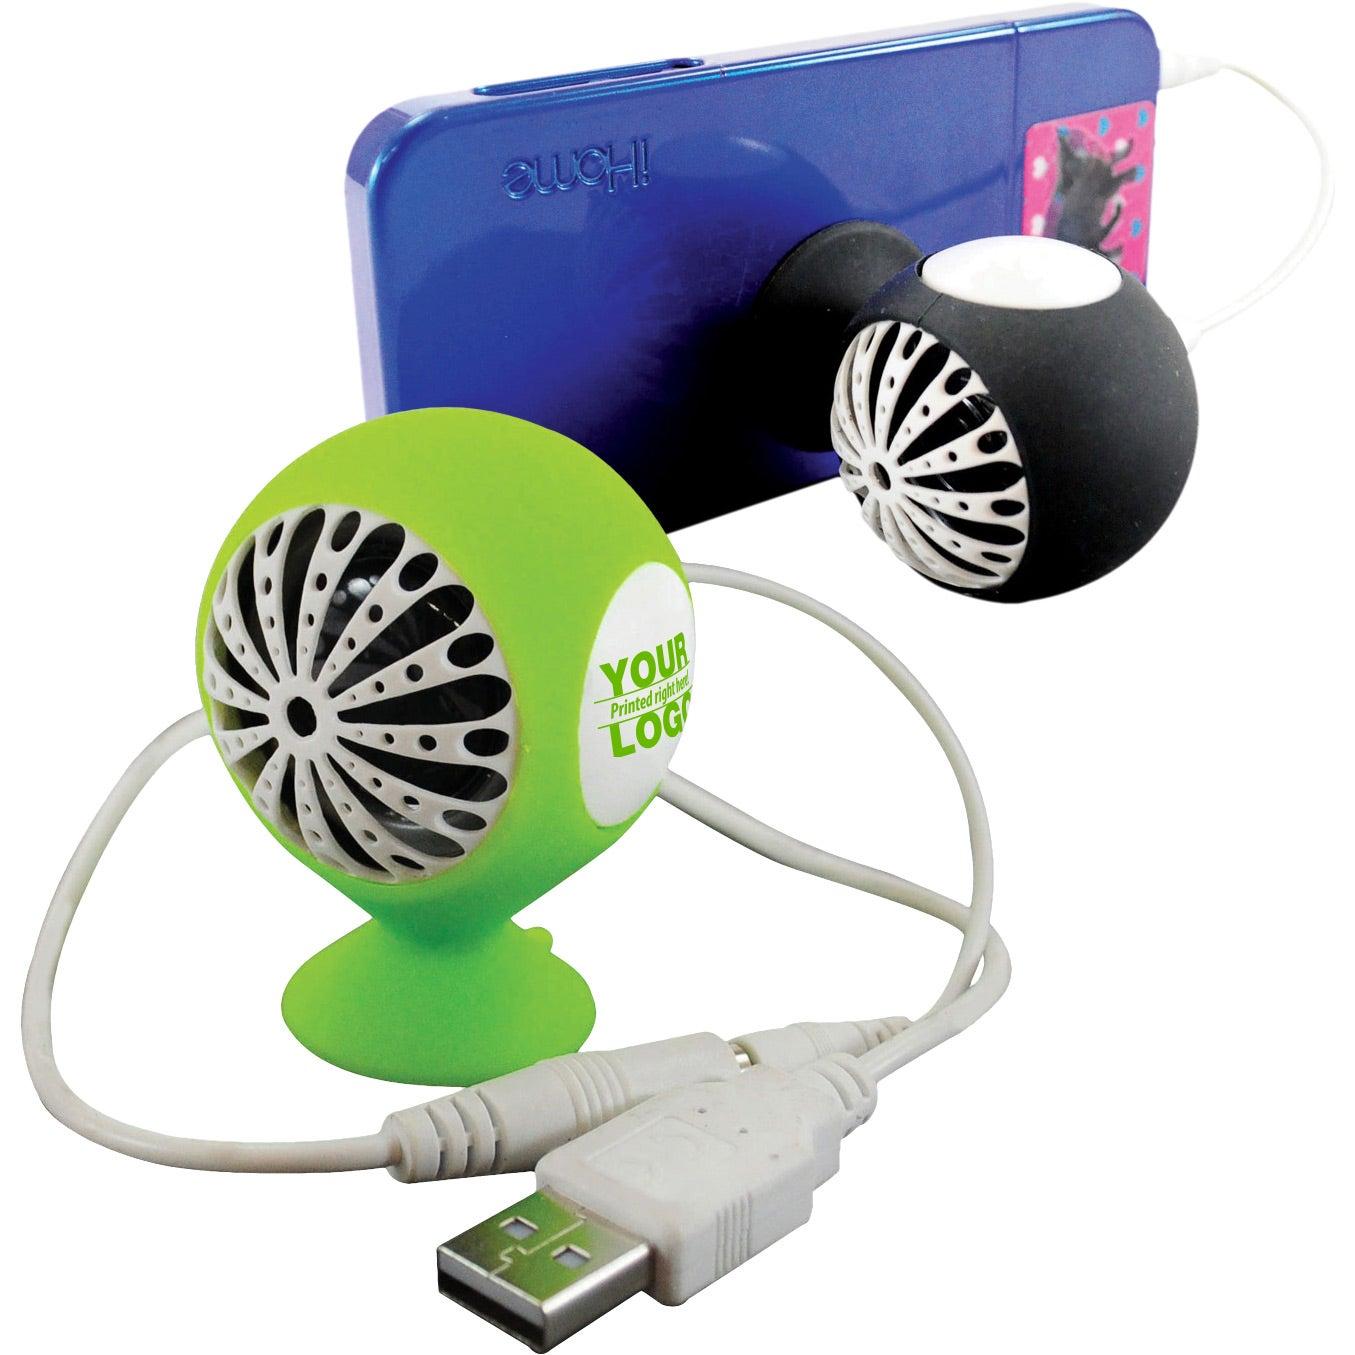 fuse box speaker - wiring diagram hear-pair-a - hear-pair-a.zaafran.it  zaafran.it